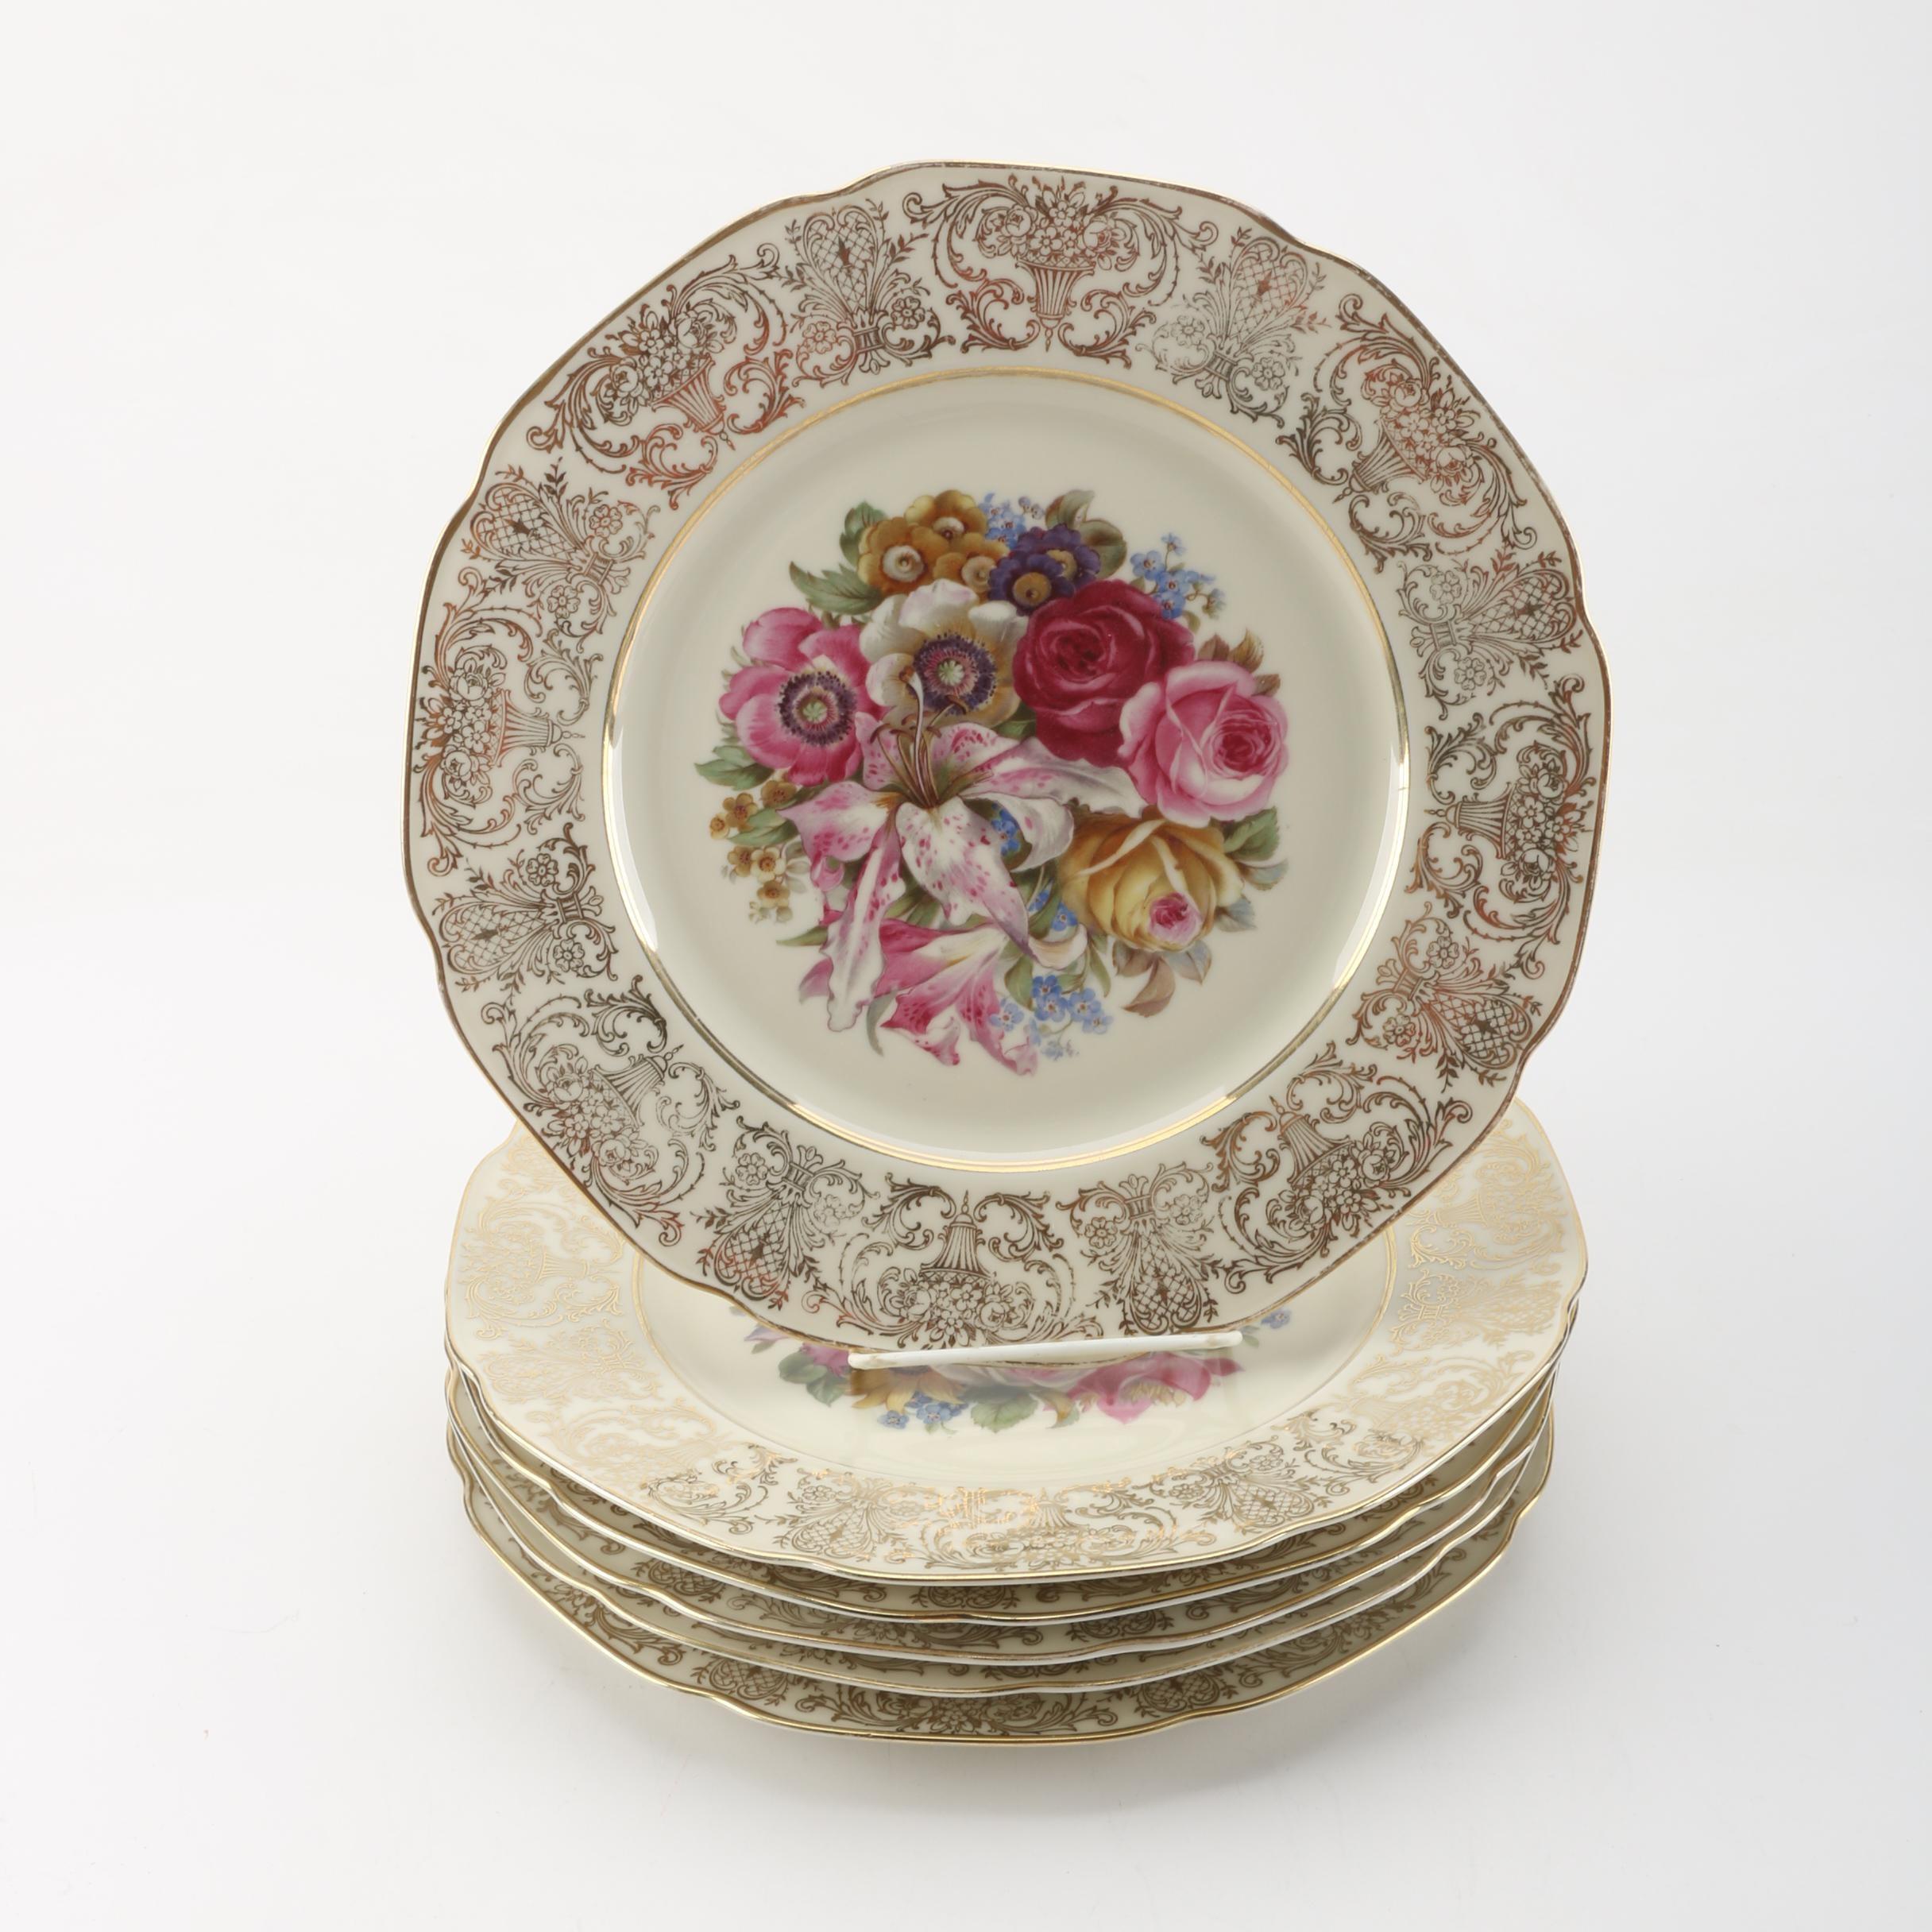 Bavarian Porcelain Dinner Plates